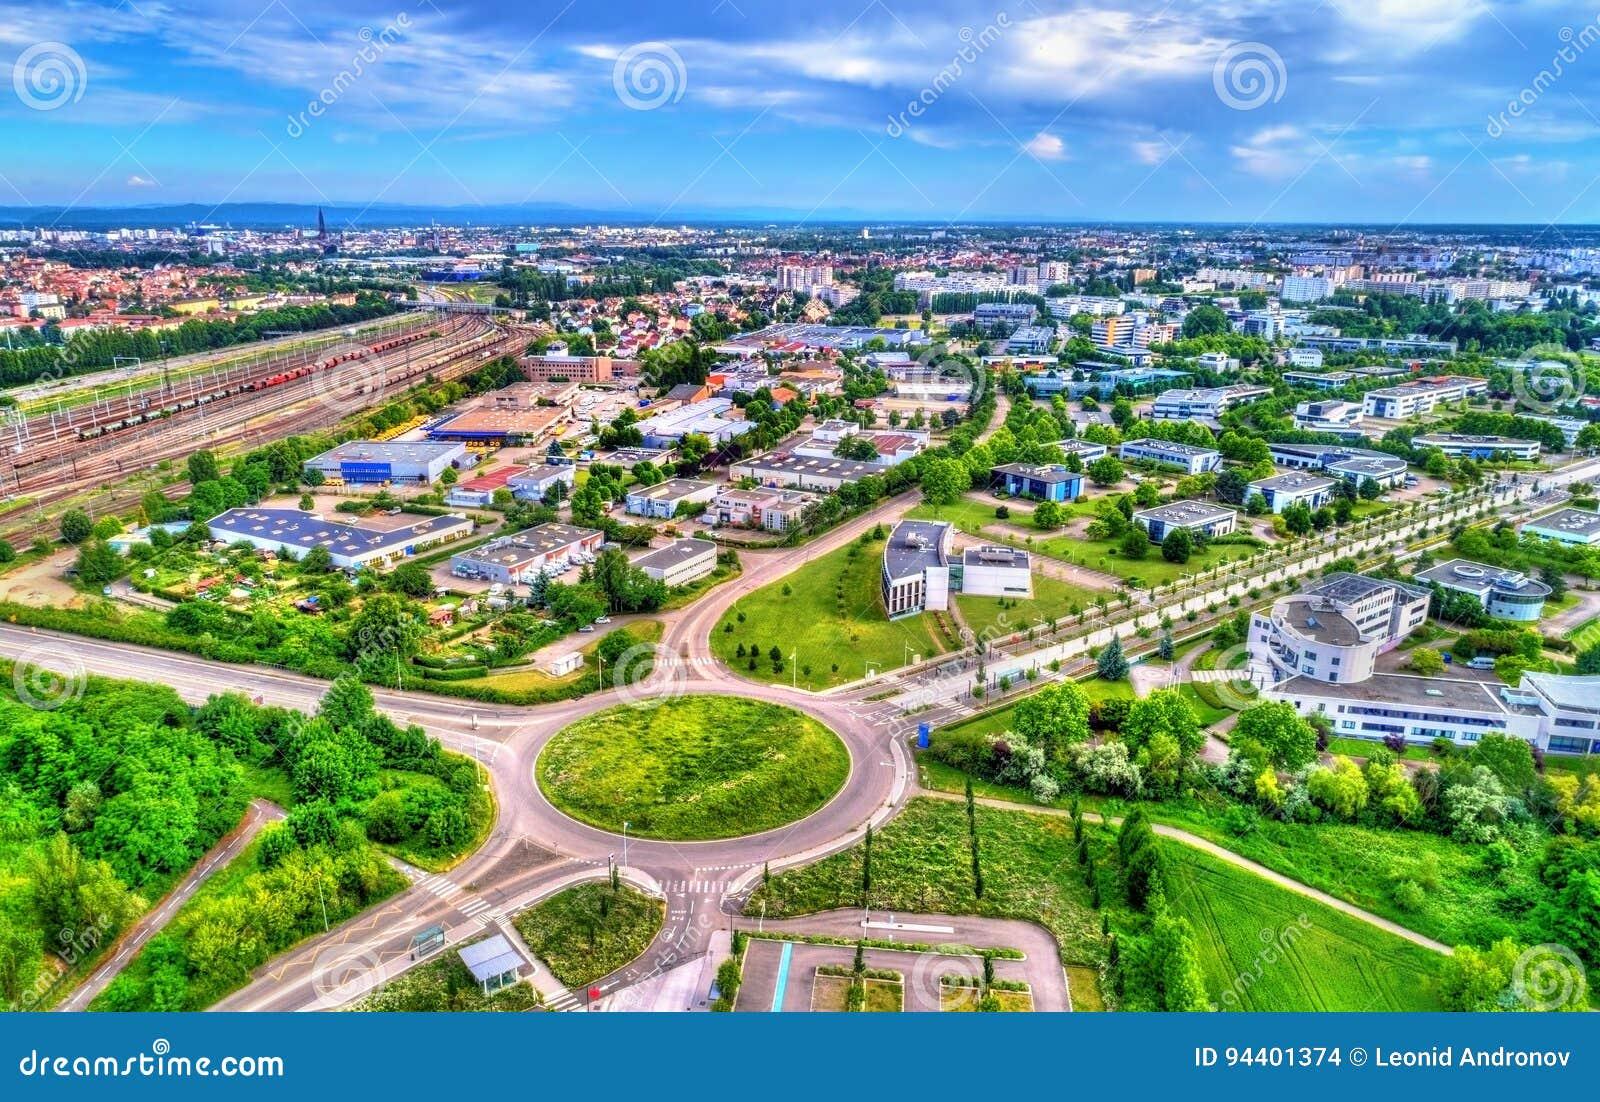 Vista aerea di una rotonda in Schiltigheim vicino a Strasburgo, Francia